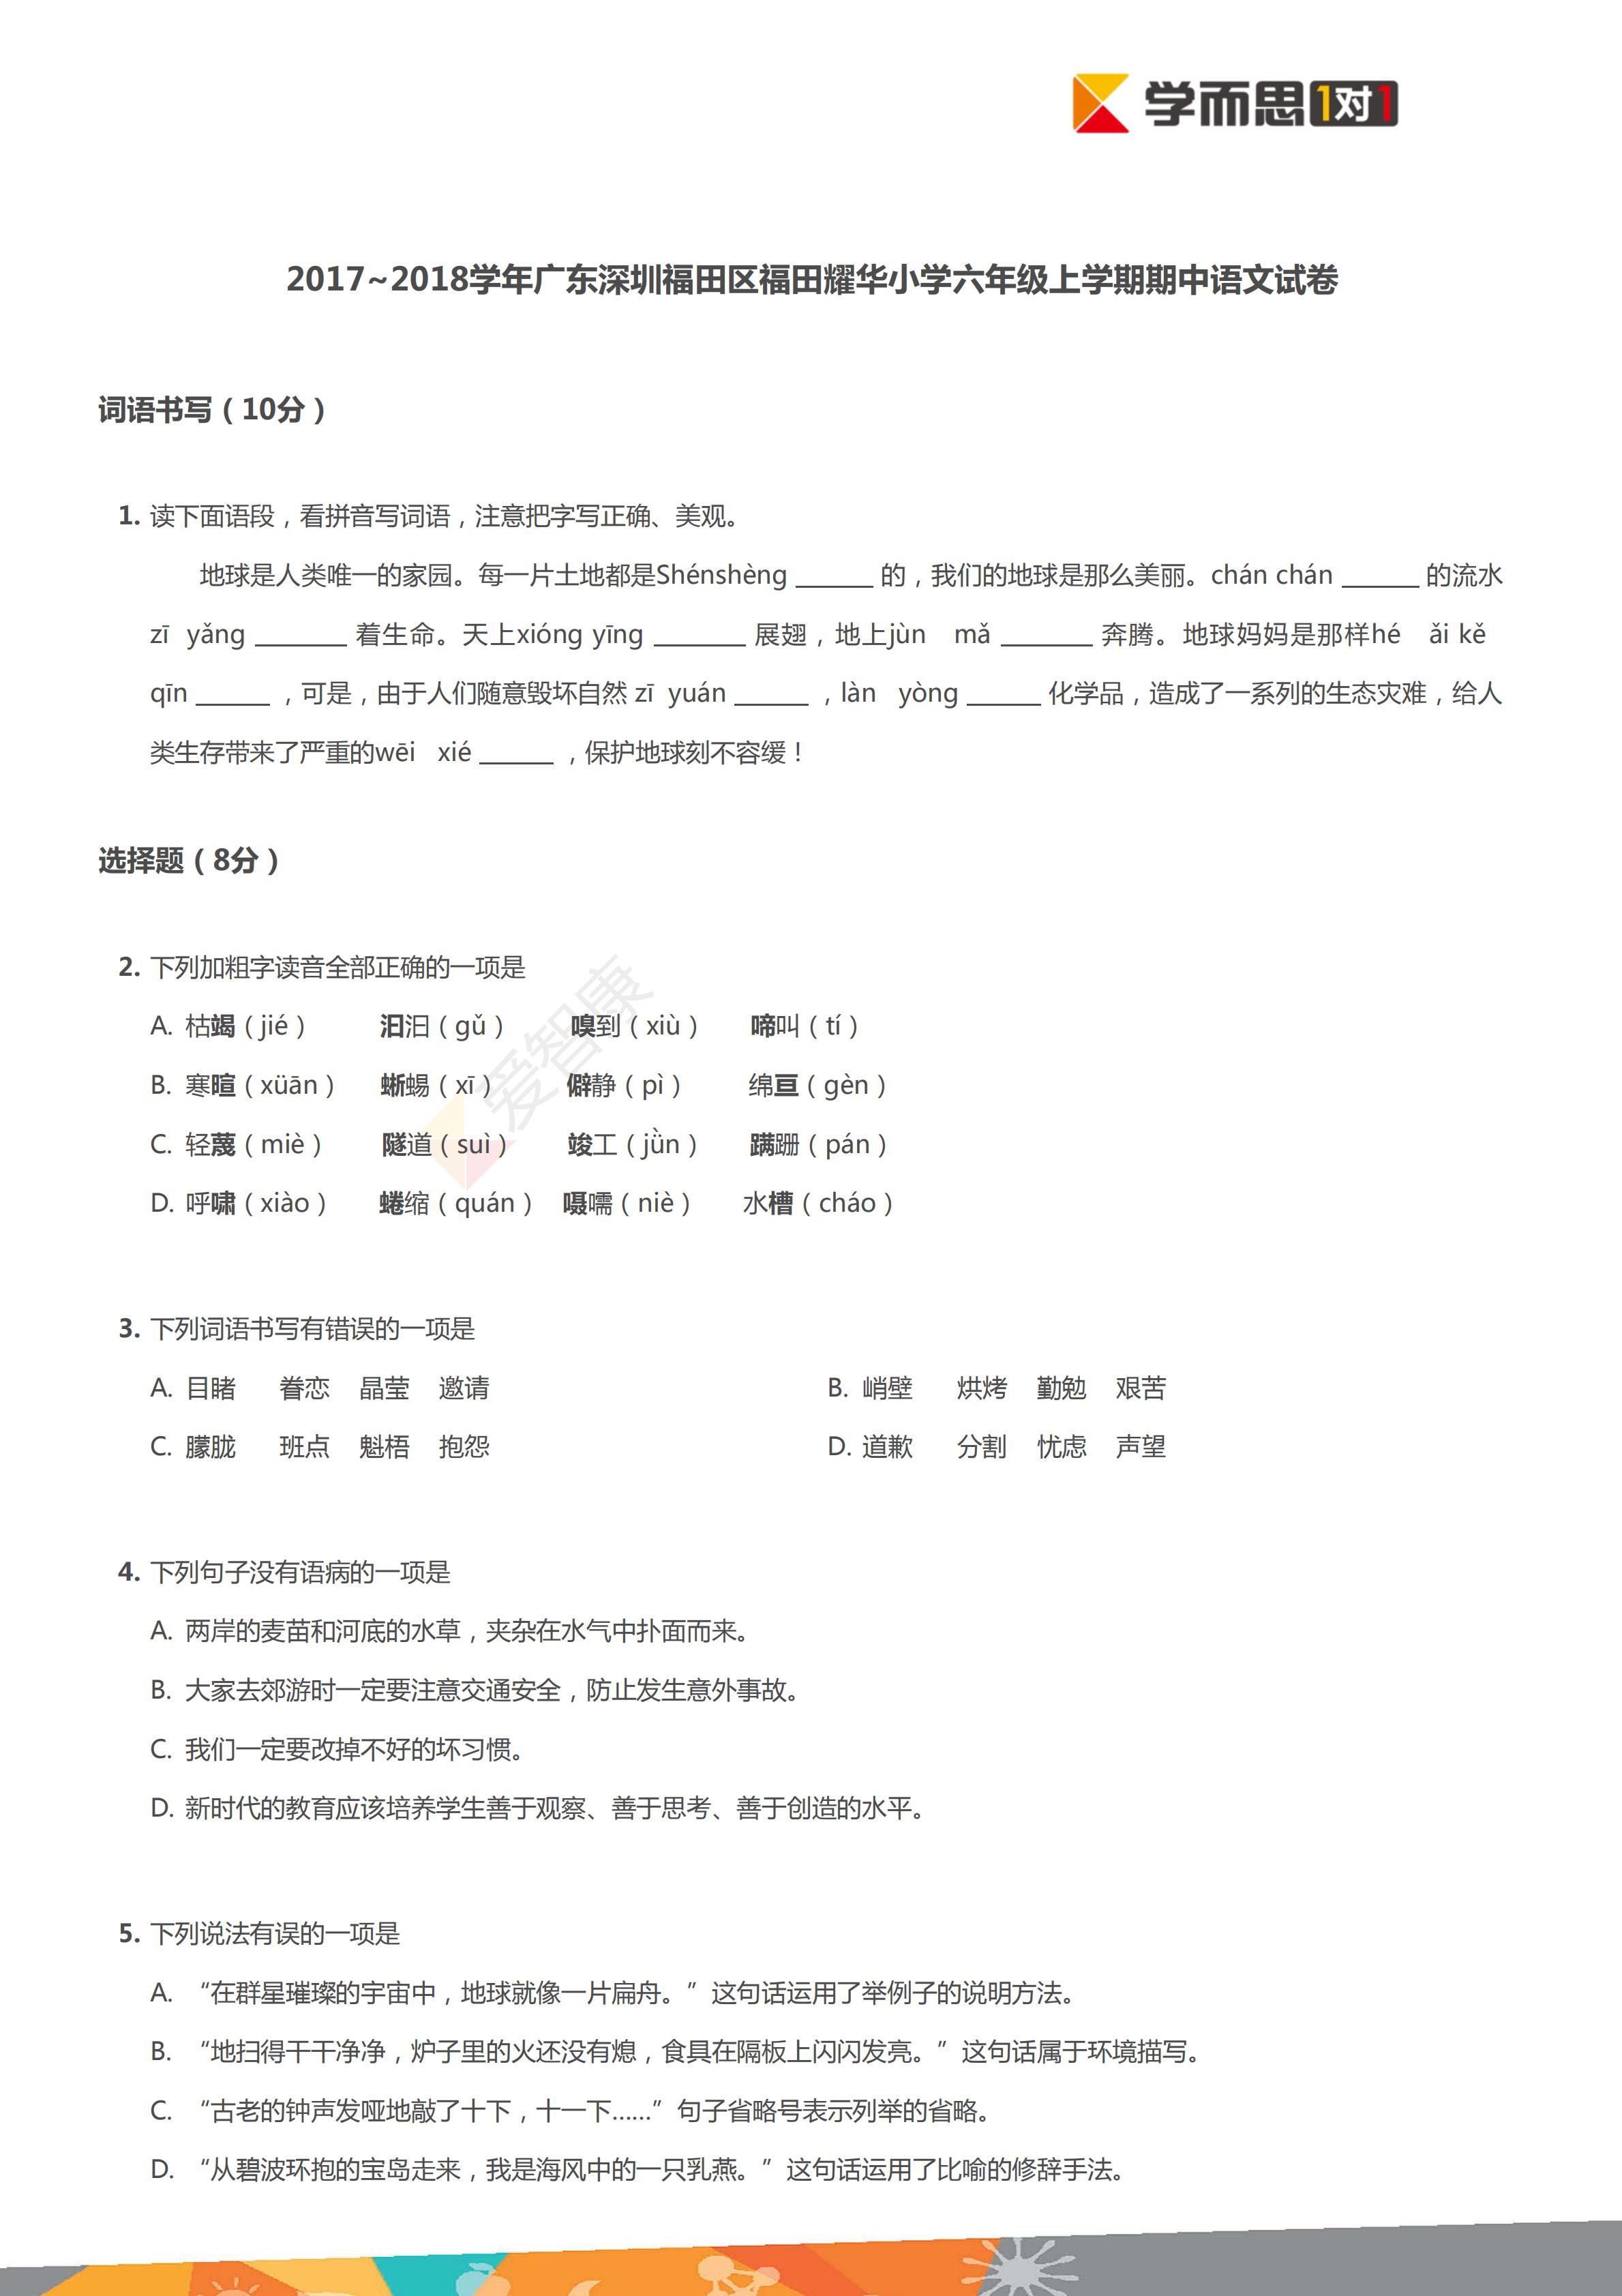 深圳福田区耀华小学2018学年上学期期中考试小学六年级语文试卷及答案